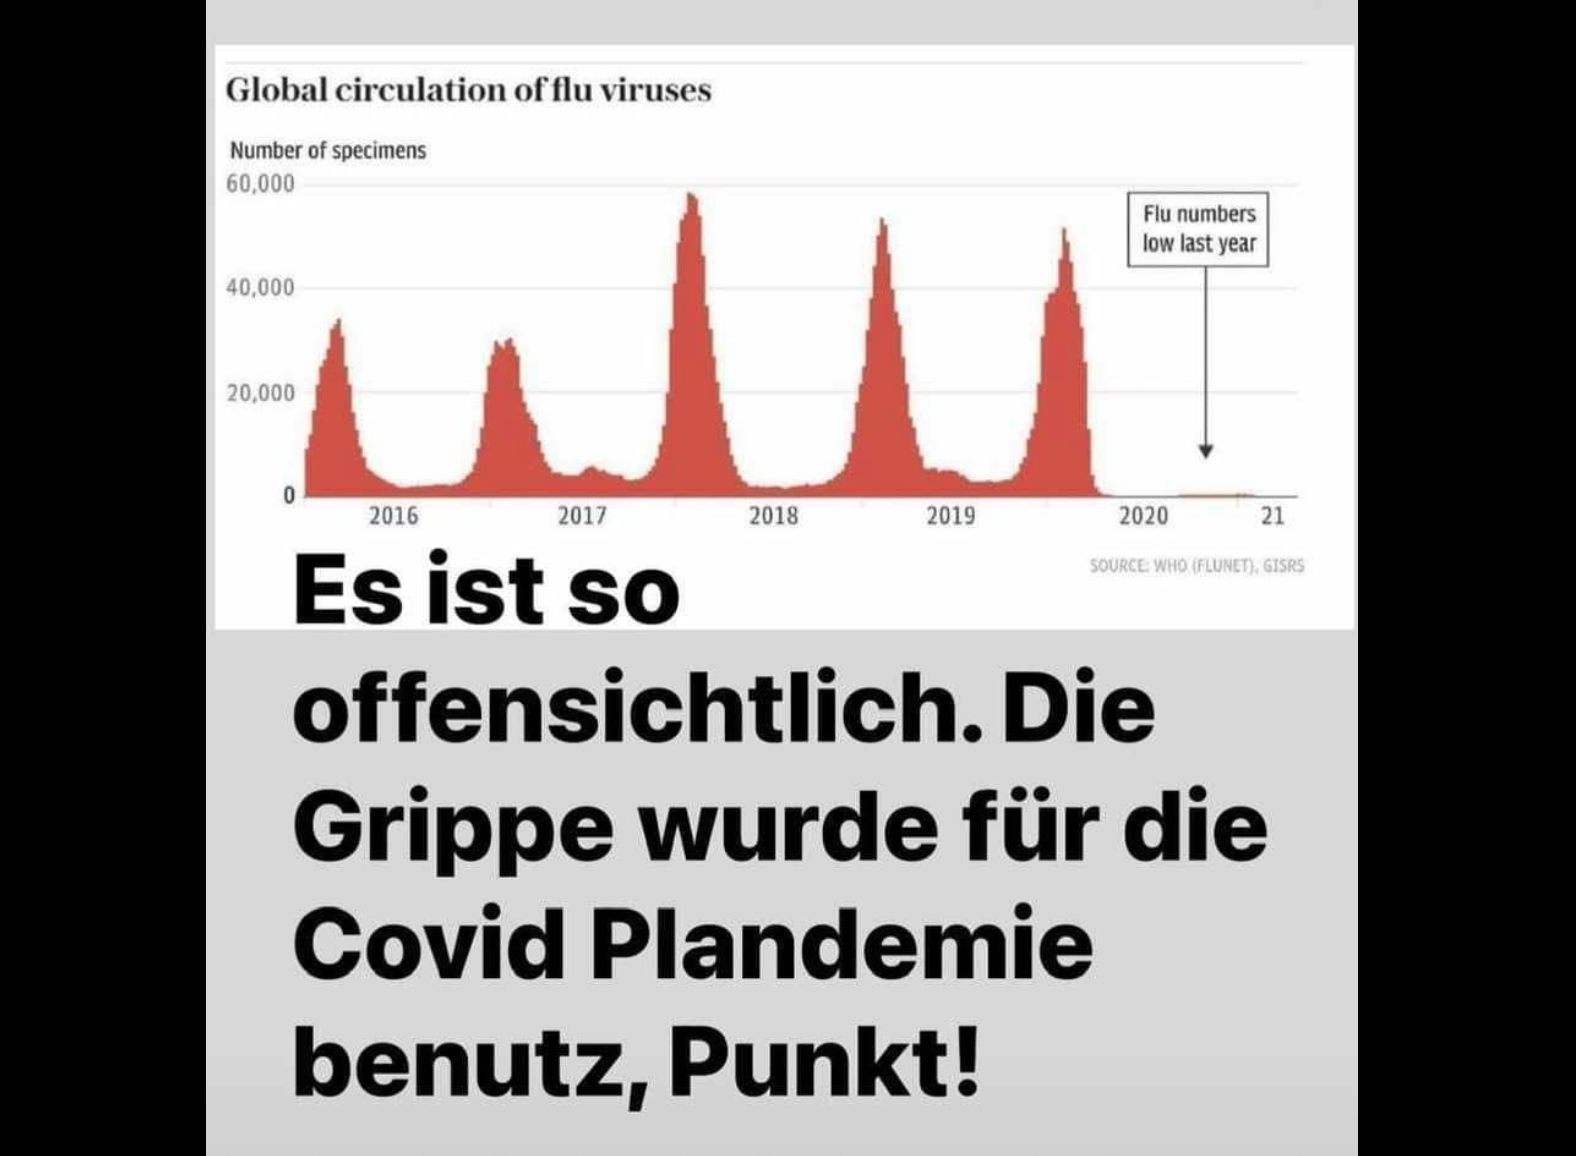 Die auf Facebook kursierende Grafik, mit der fälschlicherweise behauptet wird, Grippefälle seien benutzt worden, um die Corona-Pandemie auszurufen. (Quelle: Facebook / Screenshot: CORRECTIV.Faktencheck)